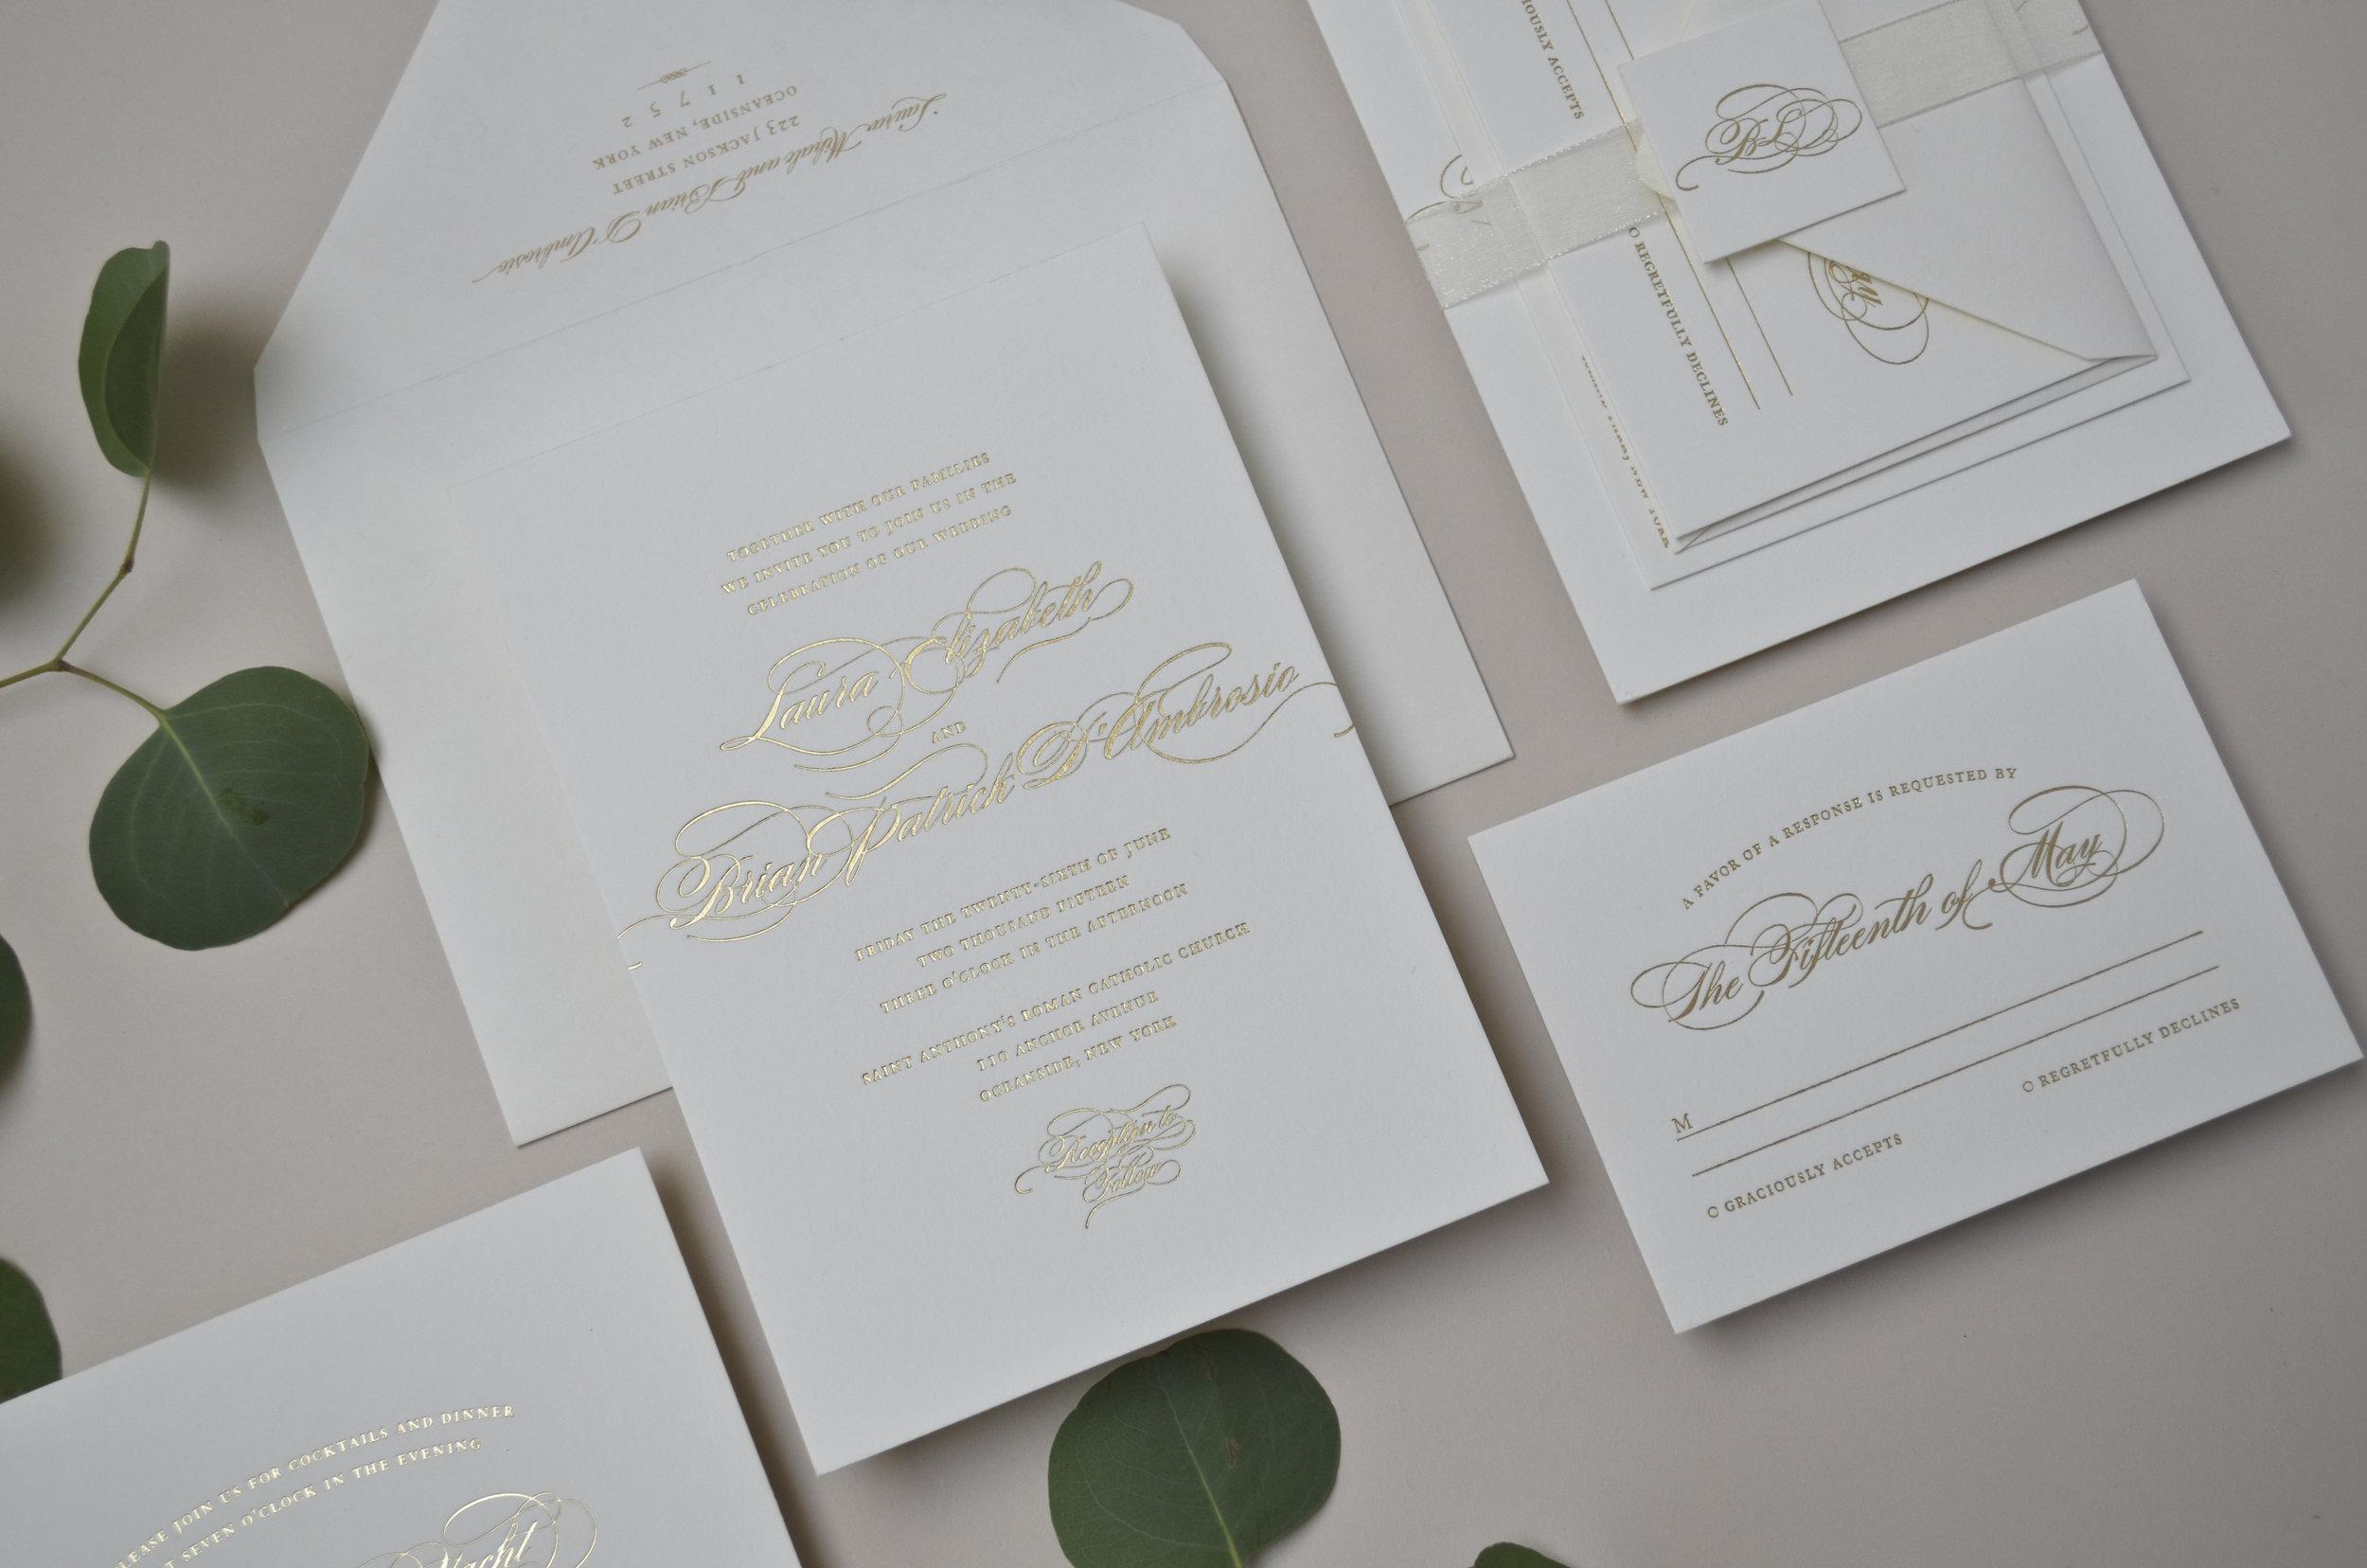 The AV Design Factory - Prosecco Wedding Invitation Suite